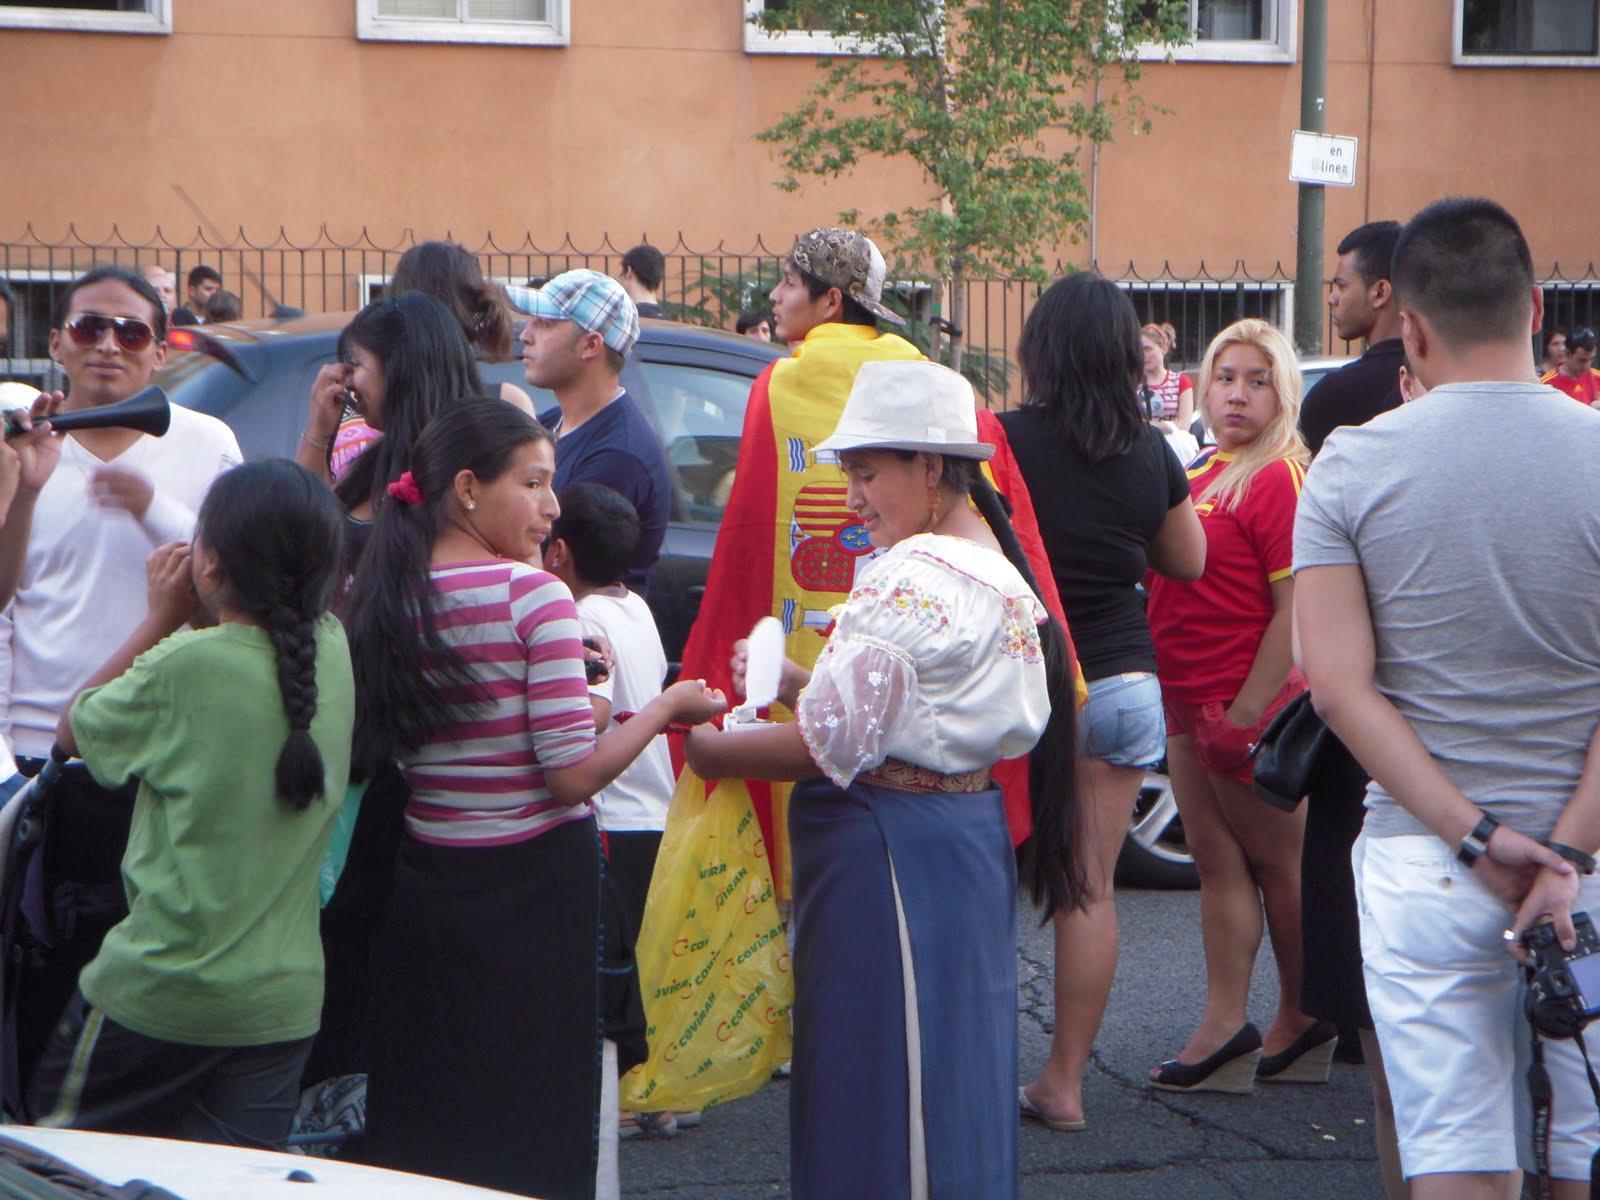 Malicia64 mi barrio esperando a la roja for Escuela de ingenieros